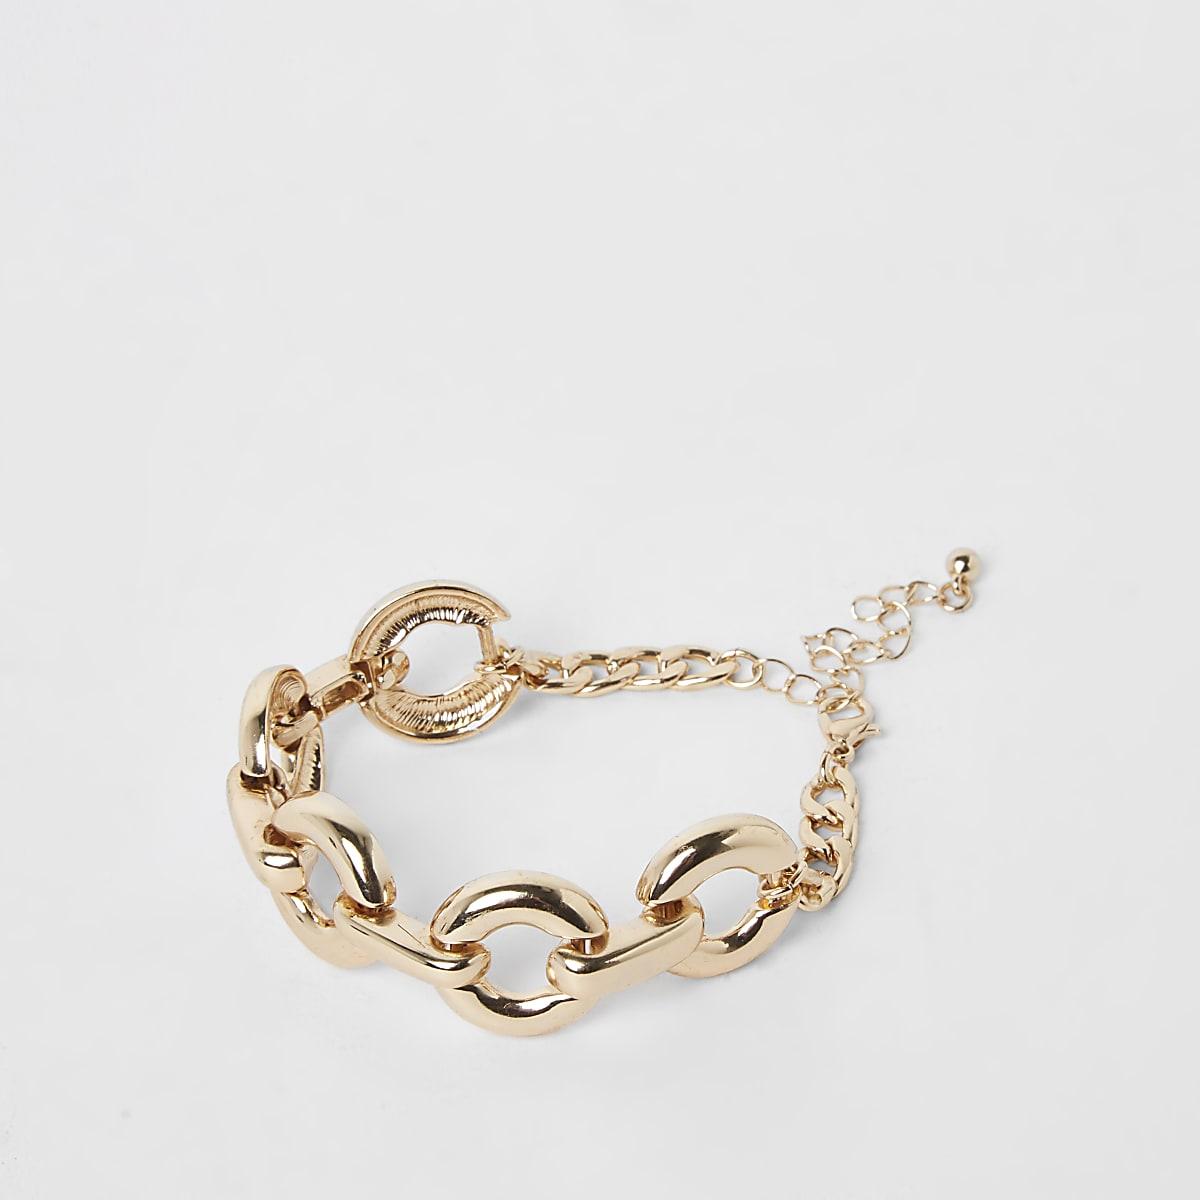 Gold color curb chain bracelet